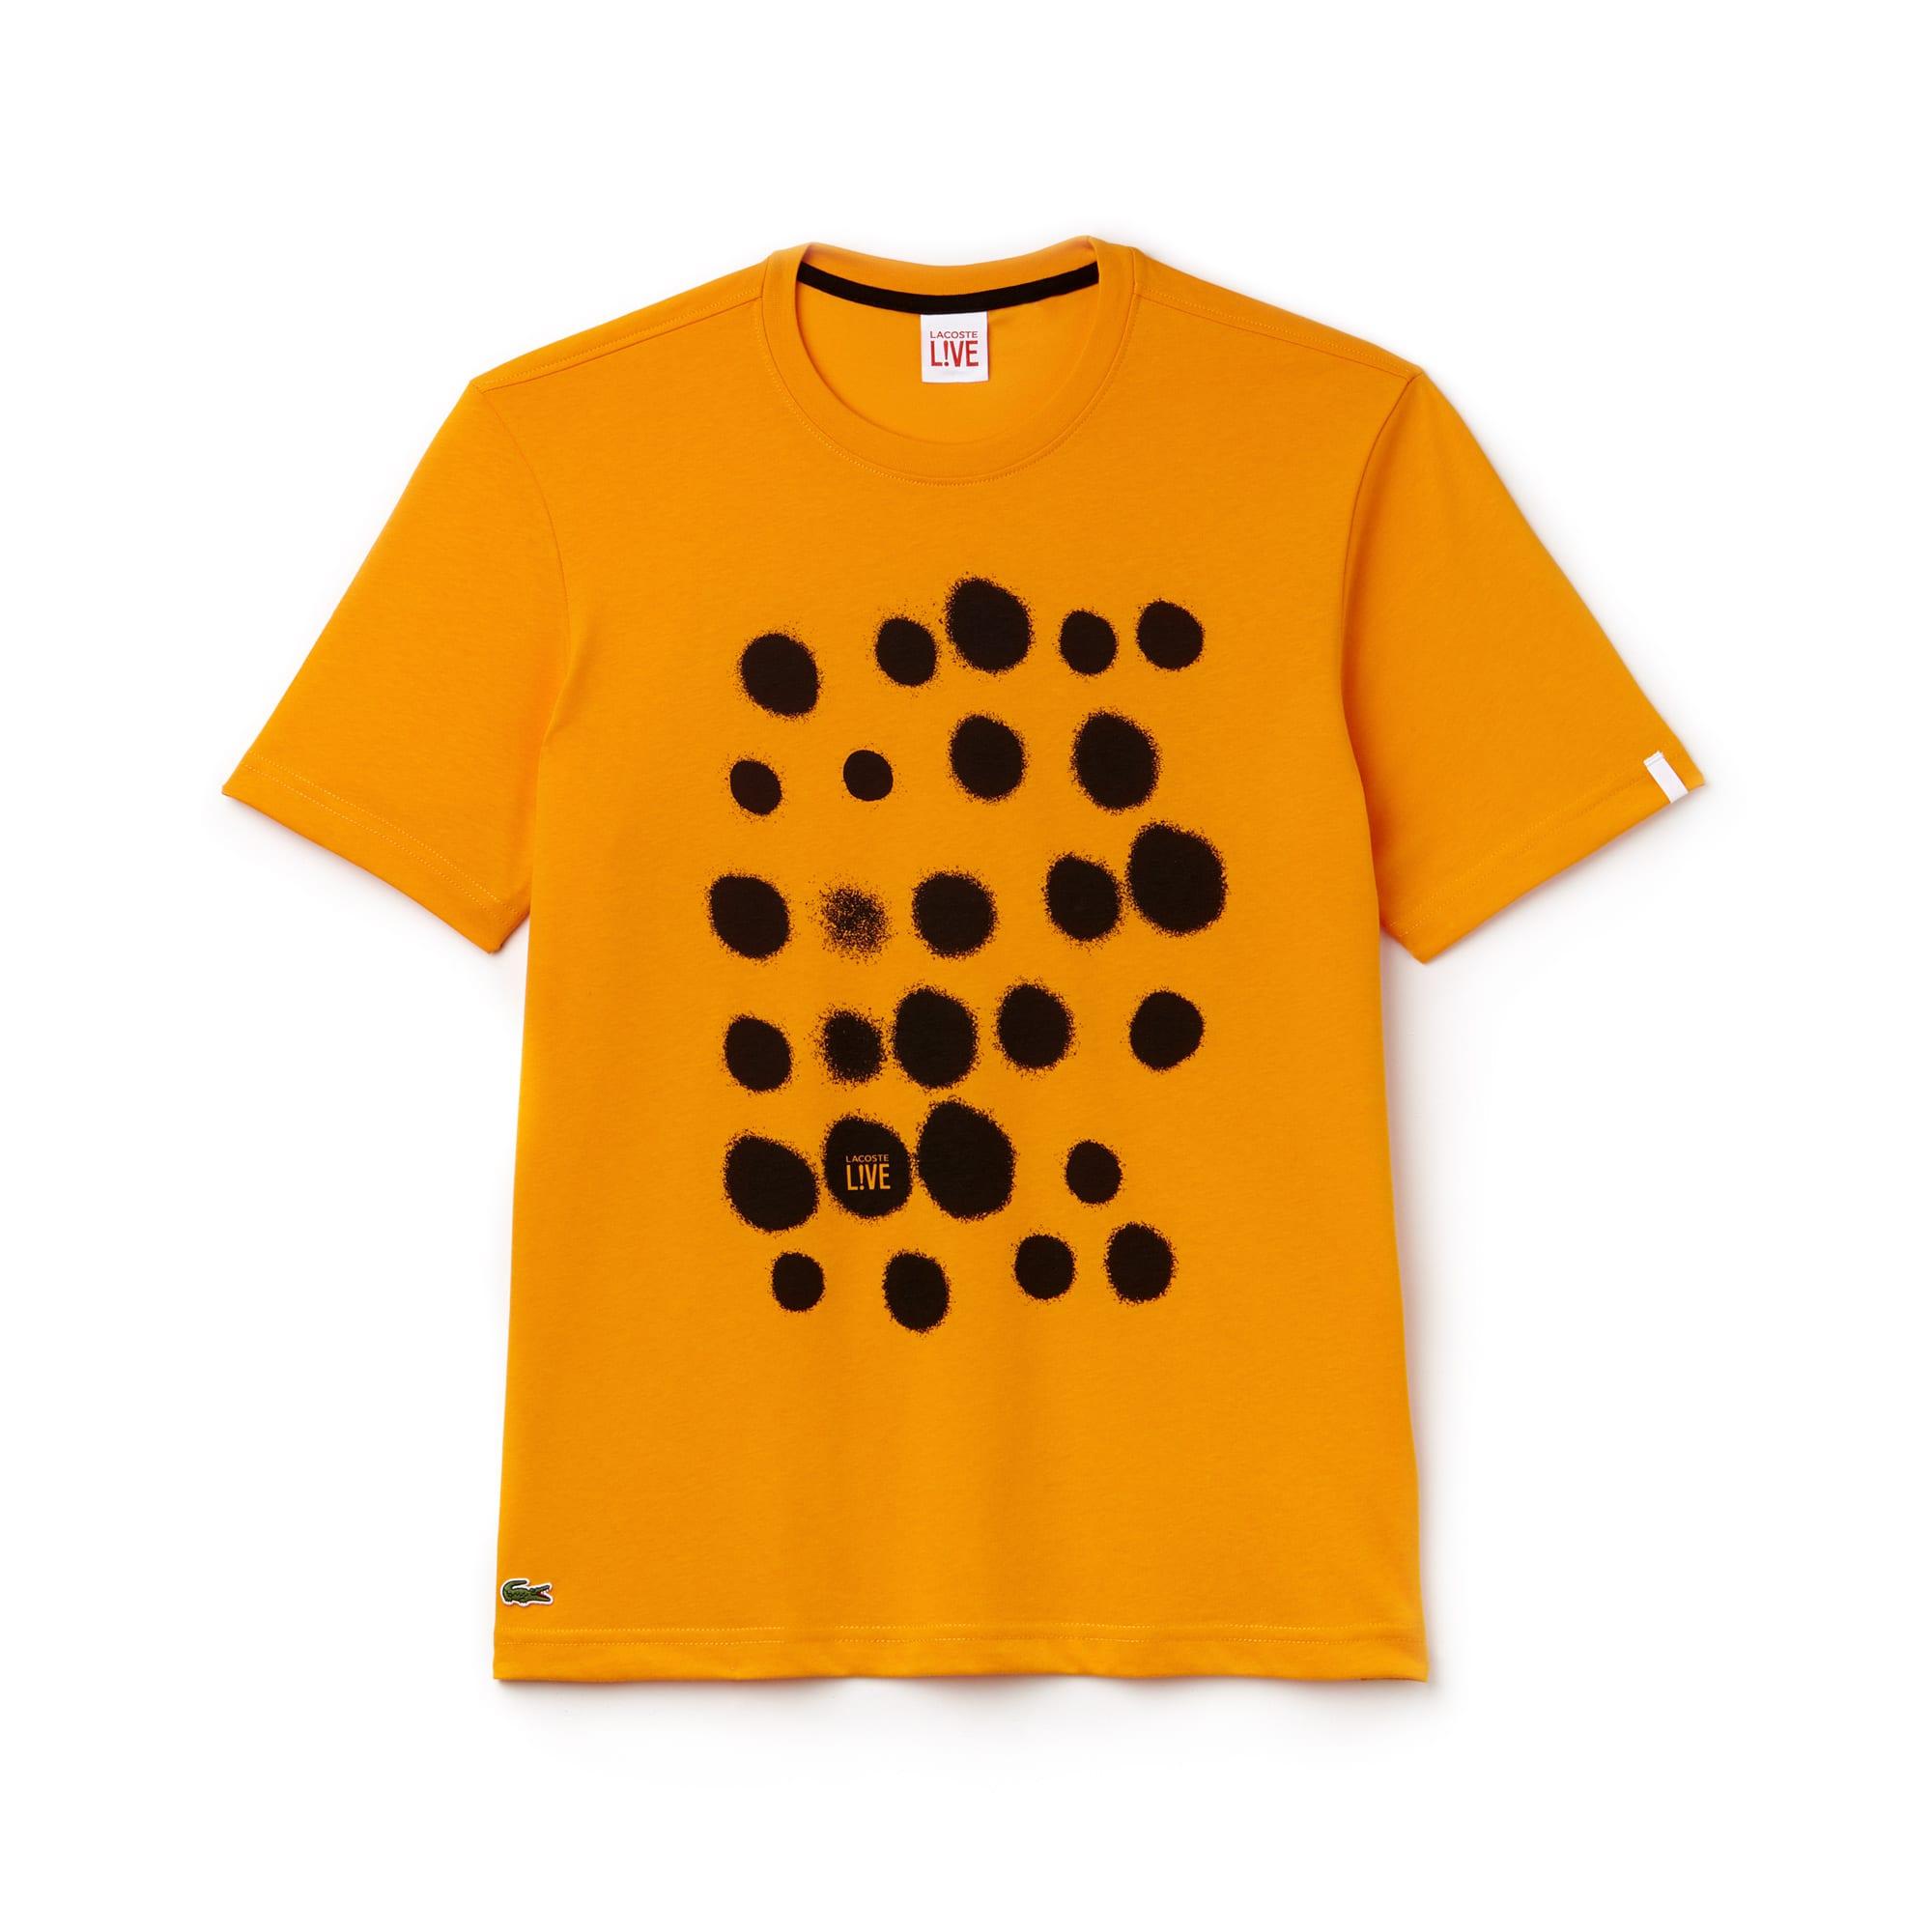 T-shirt com decote redondo Lacoste LIVE em jersey com impressão às pintas